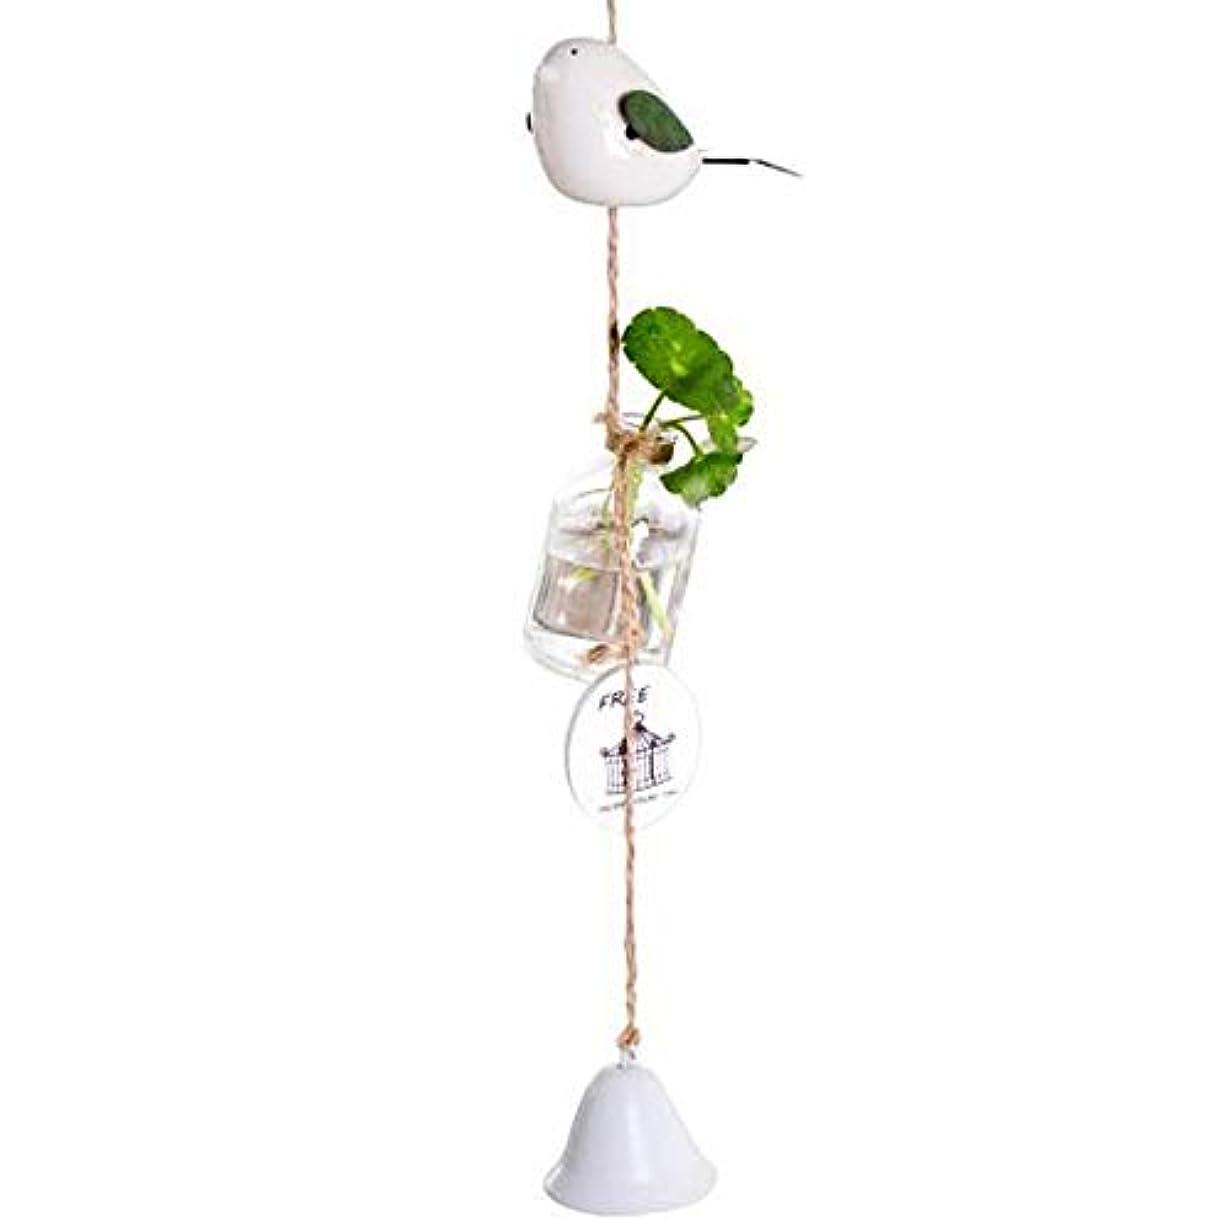 デッドロックやさしいフェッチJingfengtongxun 風チャイム、クリエイティブ?グラス風チャイム、白、ロープの長さ63センチメートルボトル(なし植物),スタイリッシュなホリデーギフト (Color : White)